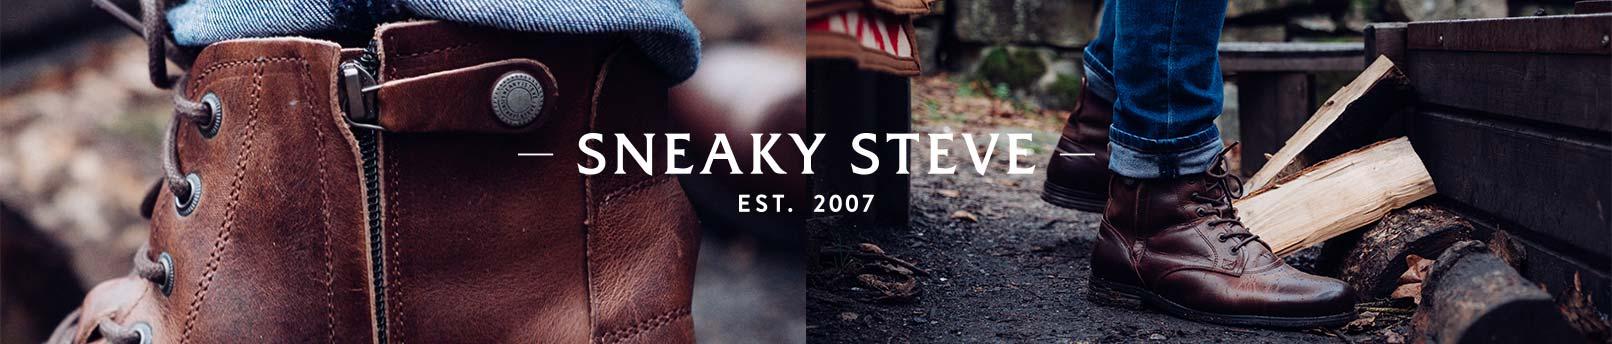 Shop Sneaky Steve